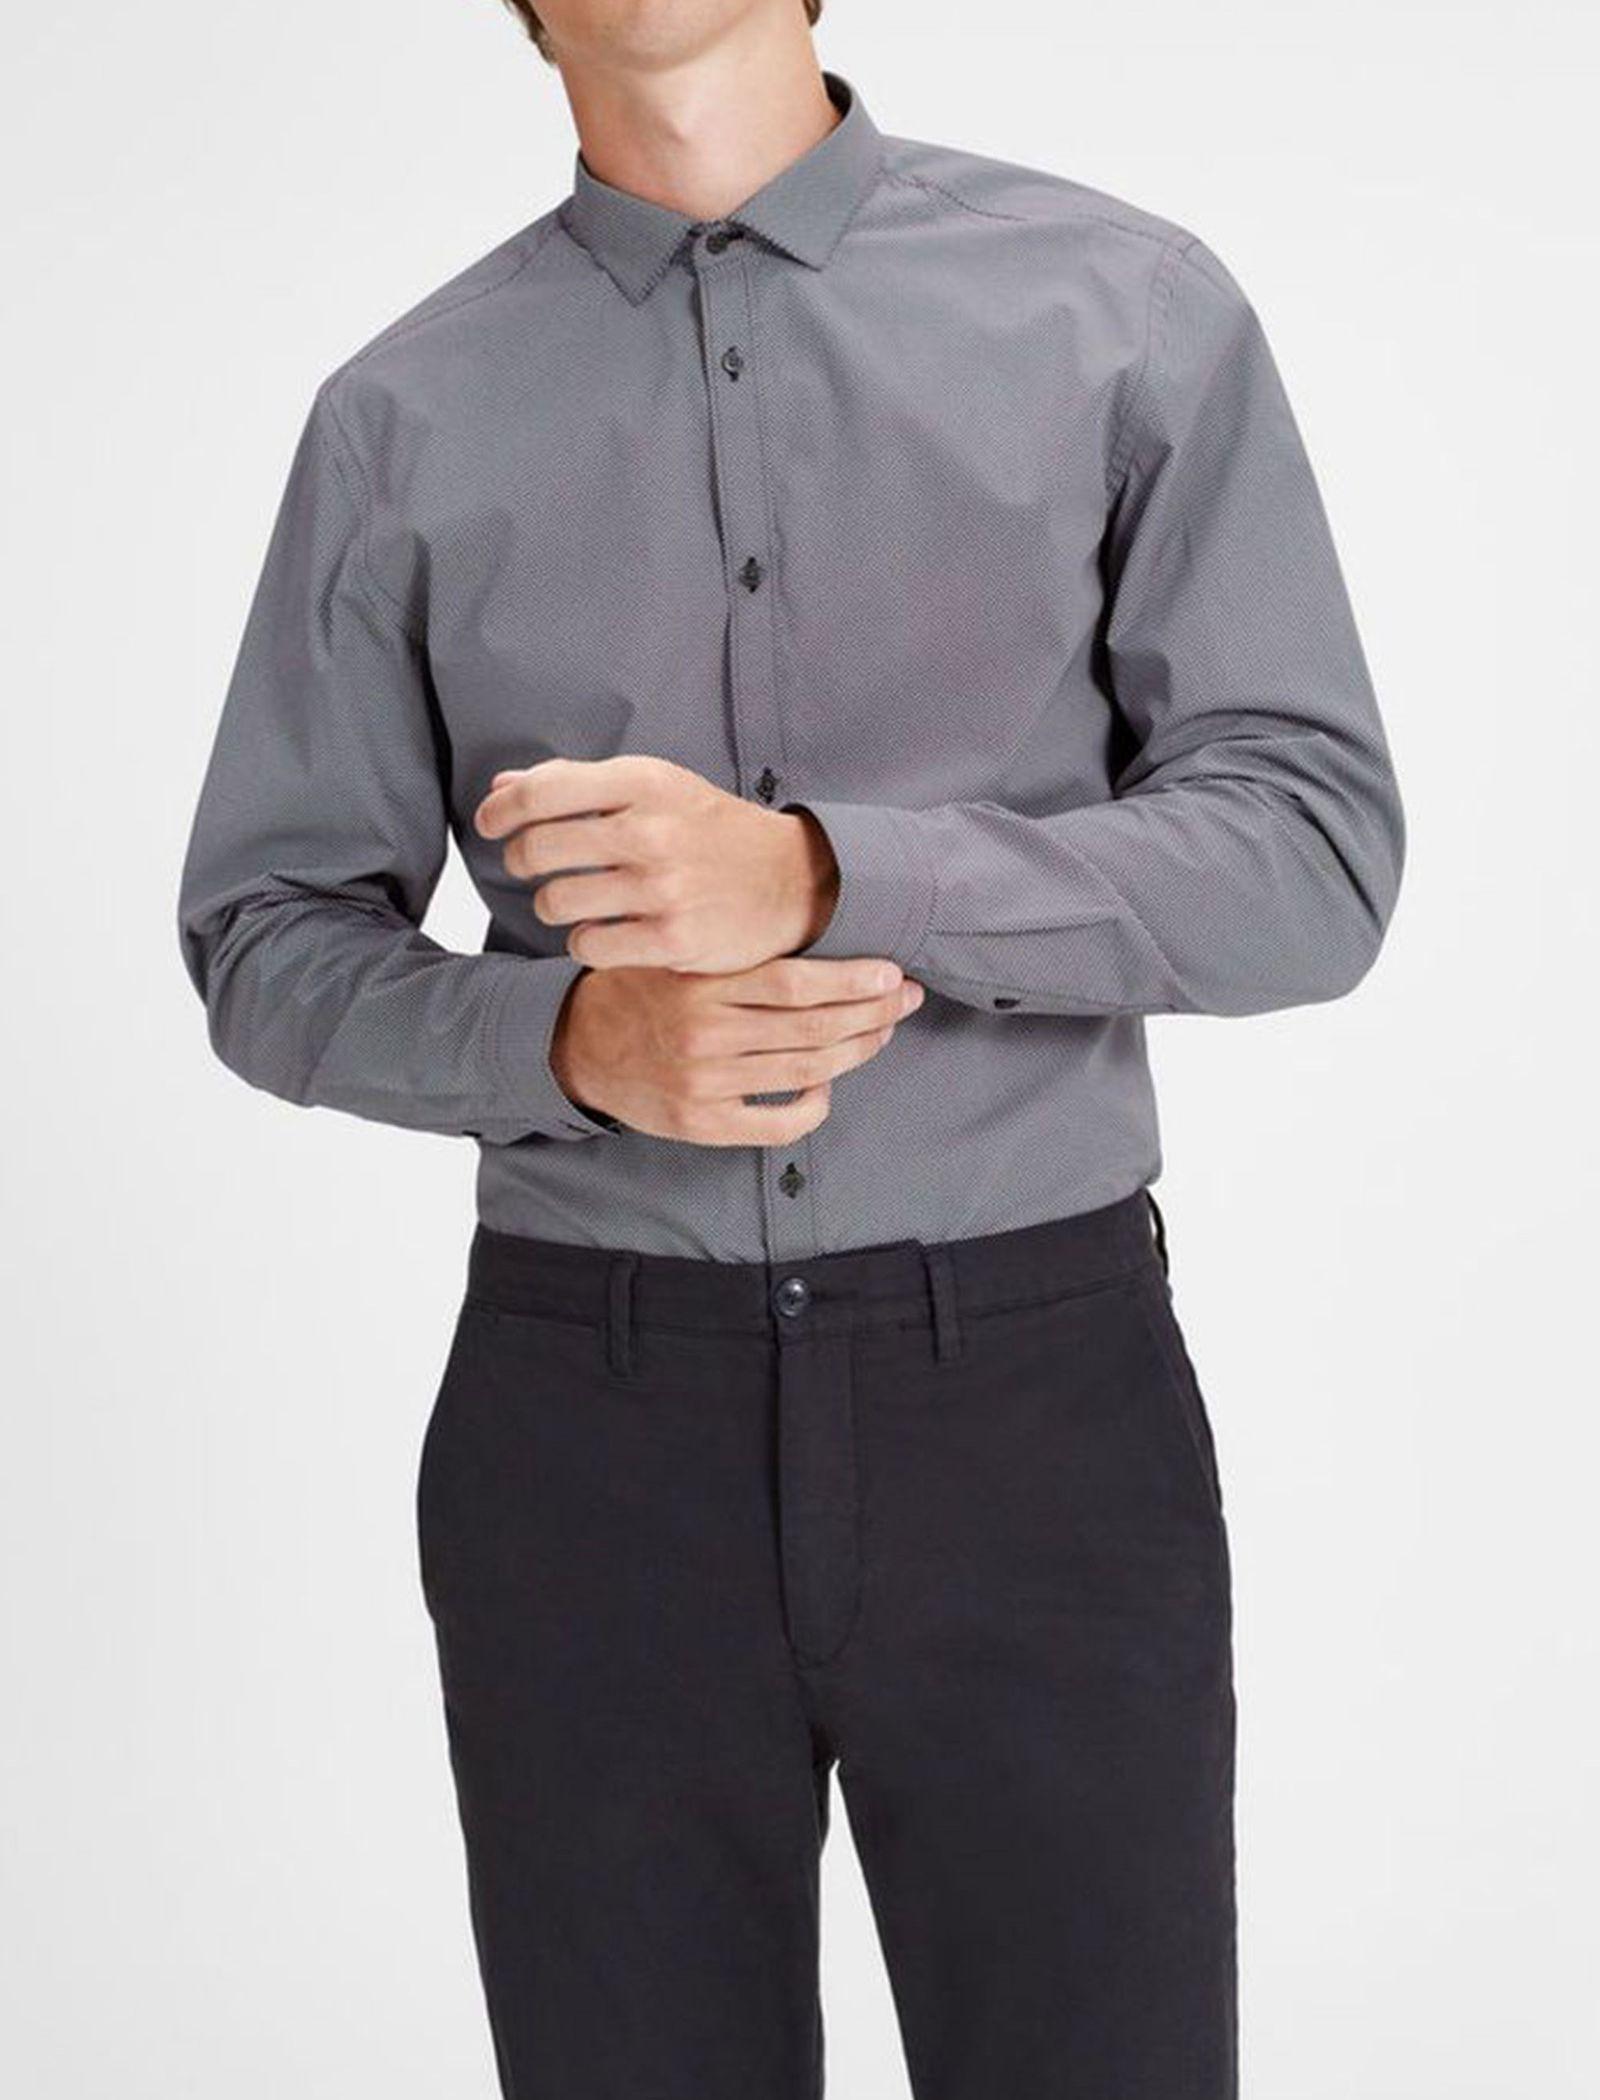 پیراهن نخی آستین بلند مردانه - جک اند جونز - سرمه اي - 3